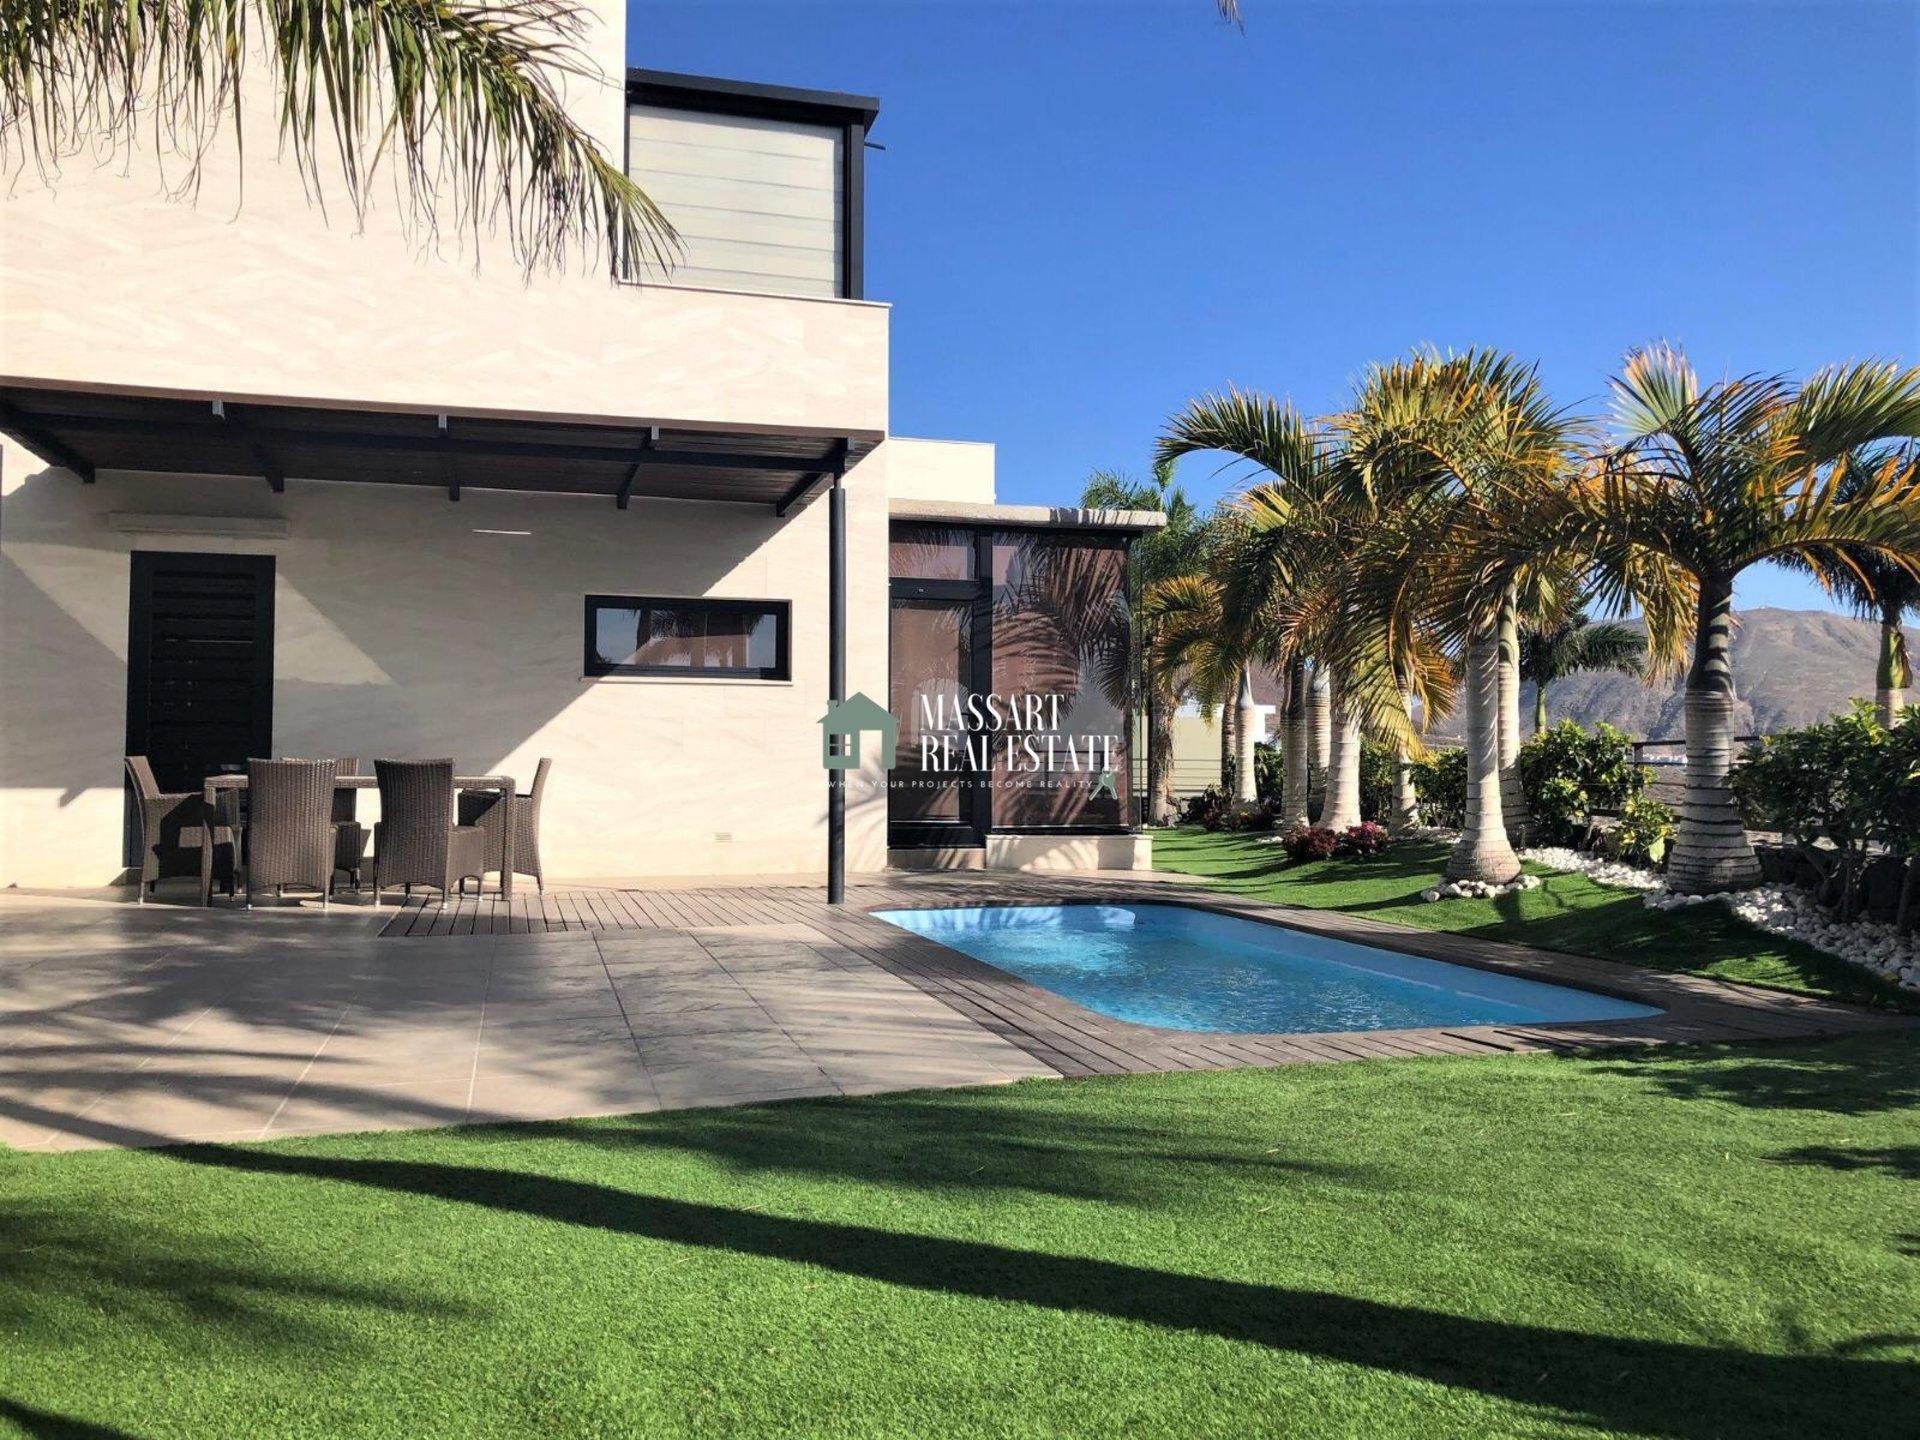 A vendre dans la municipalité de Adeje, dans le complexe résidentiel Caldera del Rey, villa indépendante entièrement meublée avec une vue privilégiée.